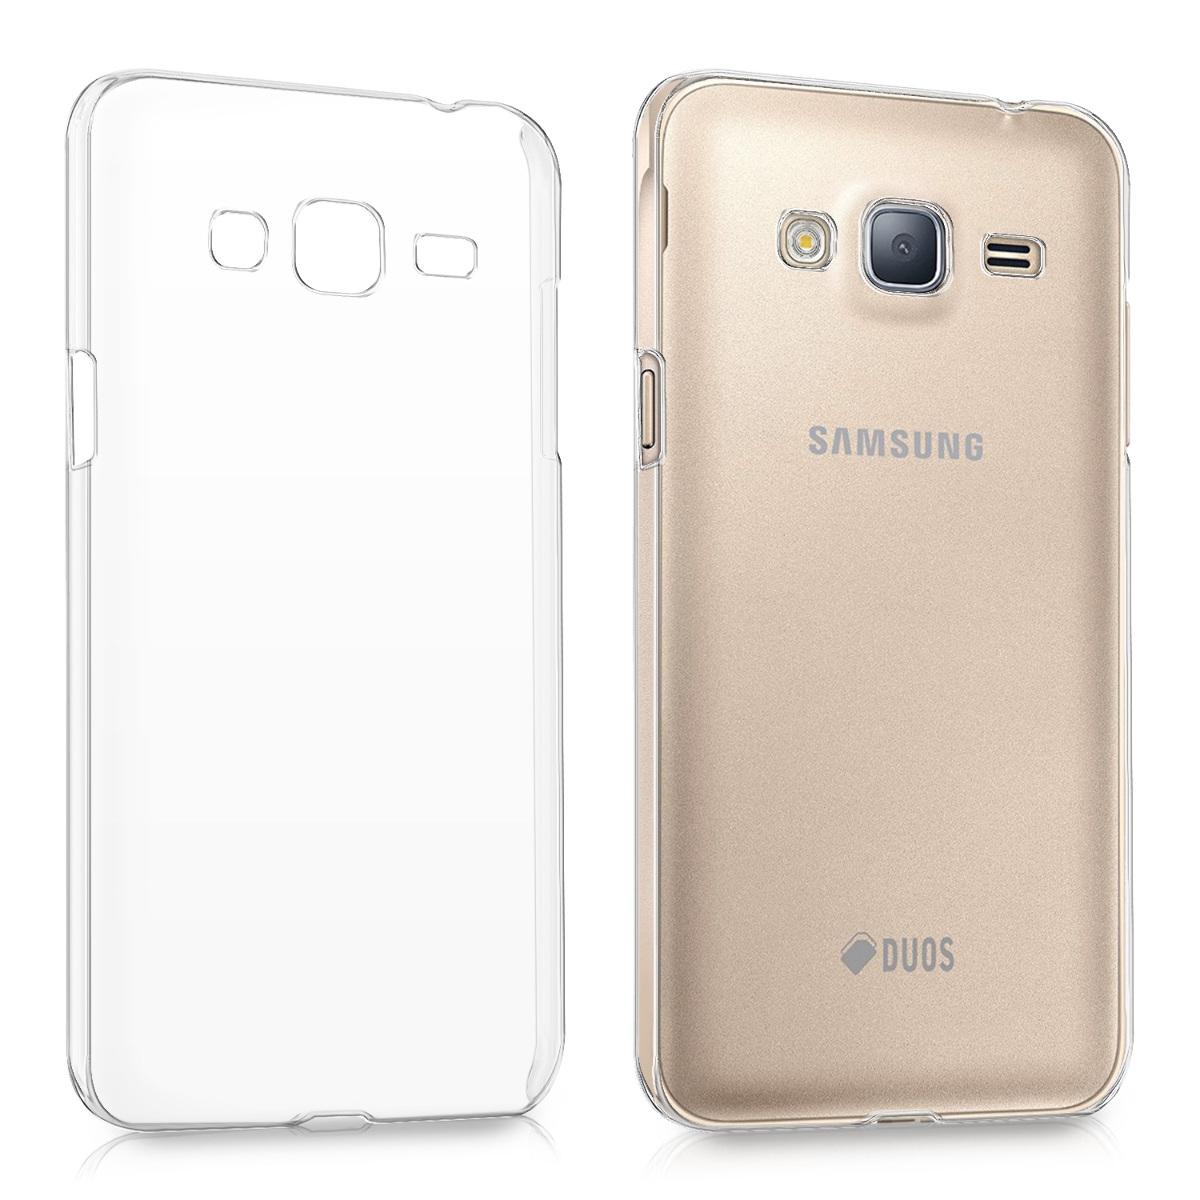 Kvalitní plastové pouzdro pro Samsung J3 (2016) DUOS - průhledné